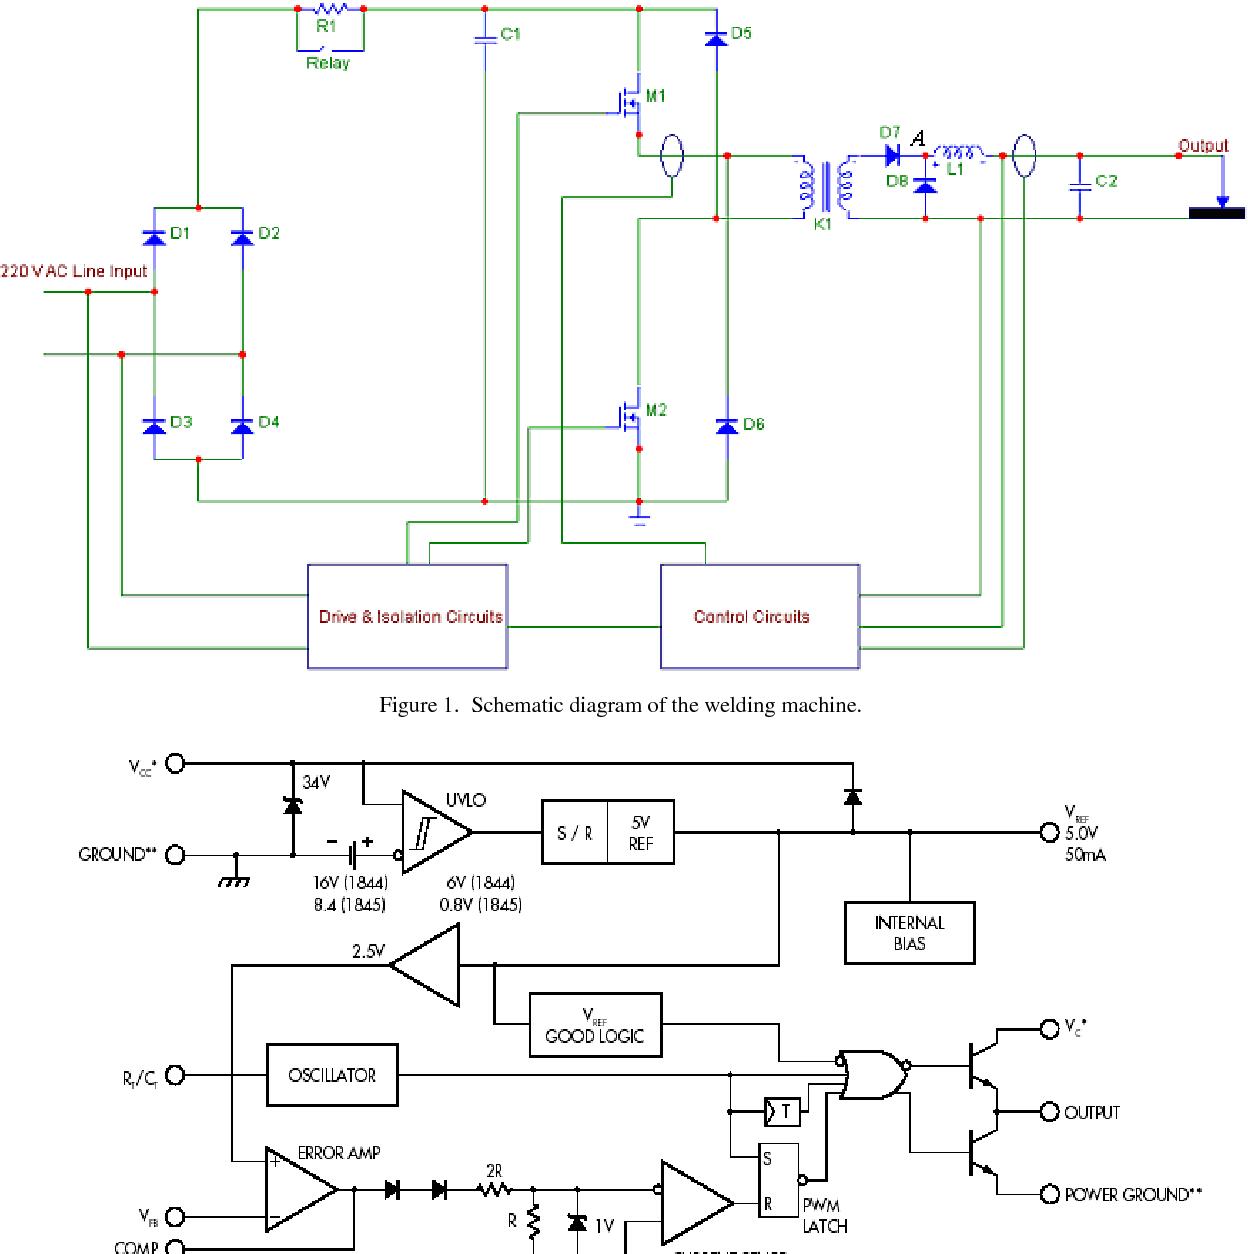 [SCHEMATICS_4JK]  PDF] Arc Welding Machine with Half-Bridge Forward Converter | Semantic  Scholar | Arc Welding Machine Diagram |  | Semantic Scholar